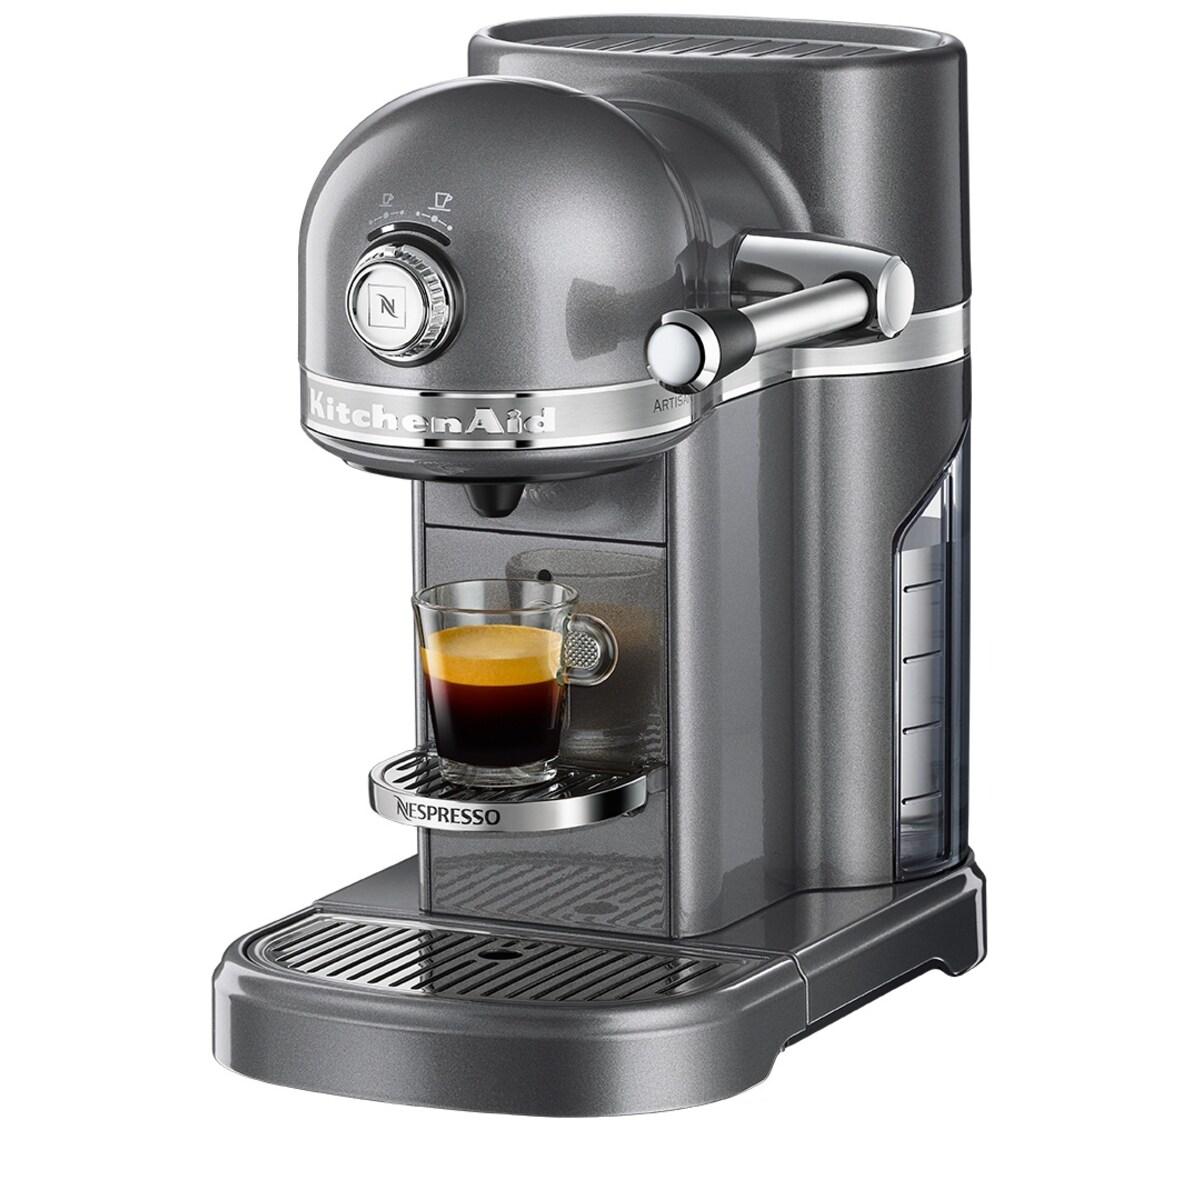 Nespresso Kitchen Aid Medallion Silver